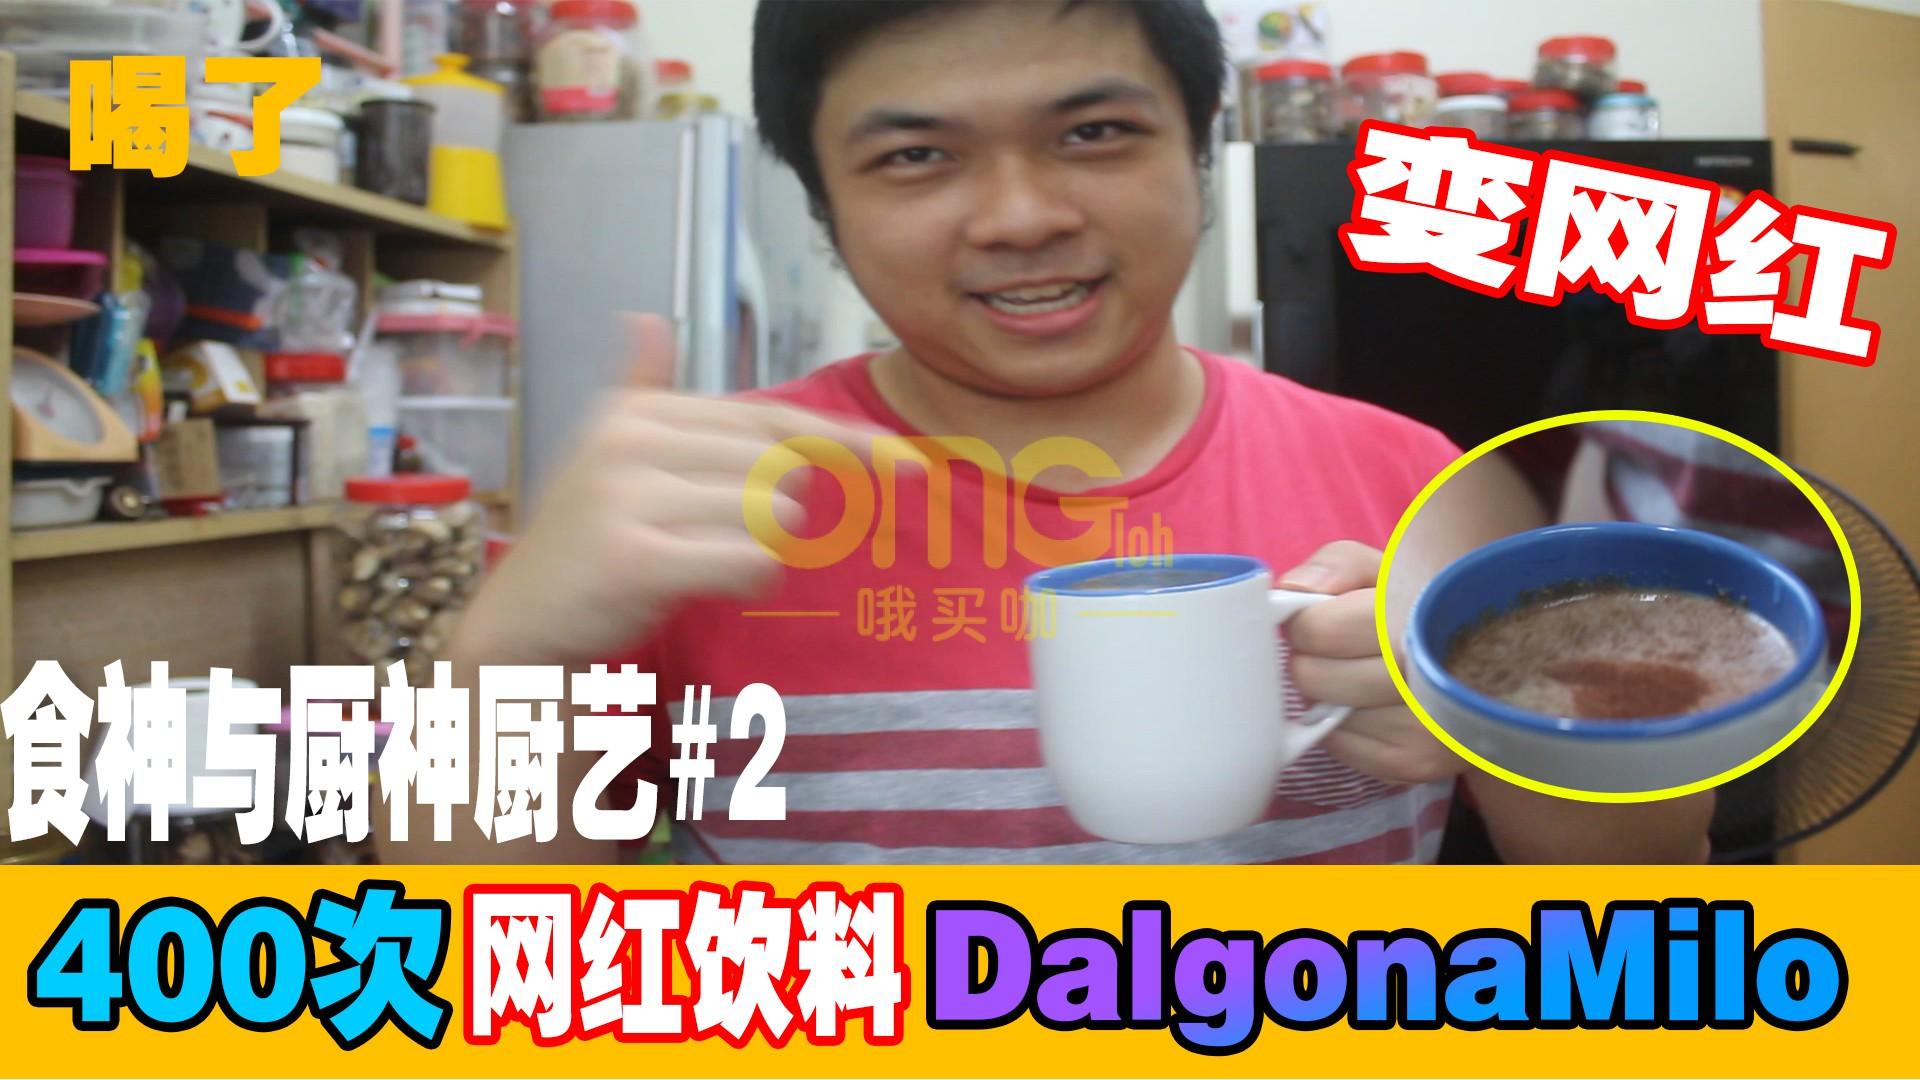 thumbnail1 at omgloh.com